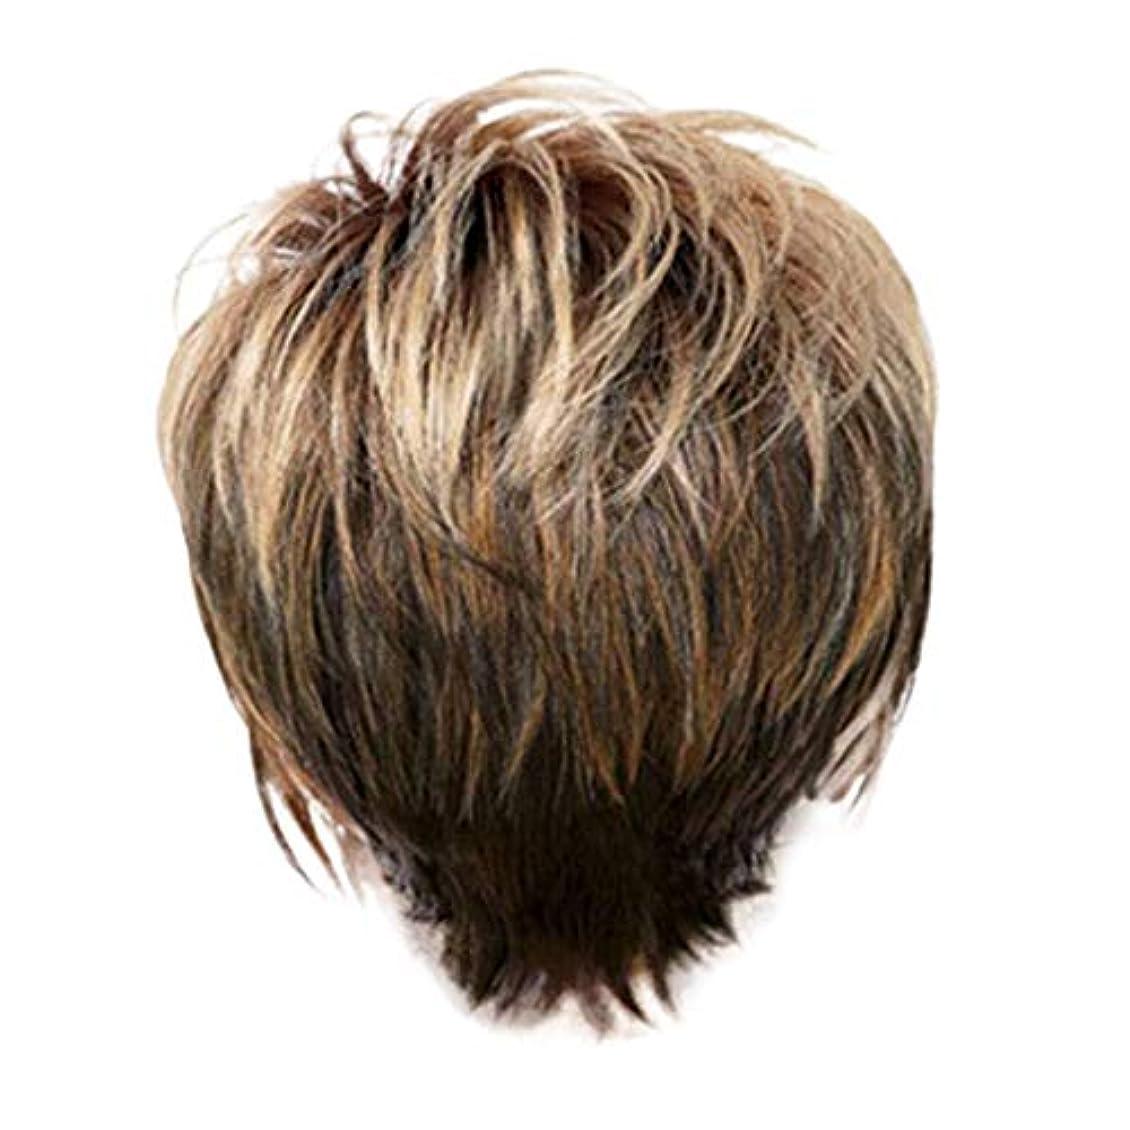 争い魔法コートウィッグ女性の金茶色の短いストレートヘアファッションセクシーなかつら31 cm